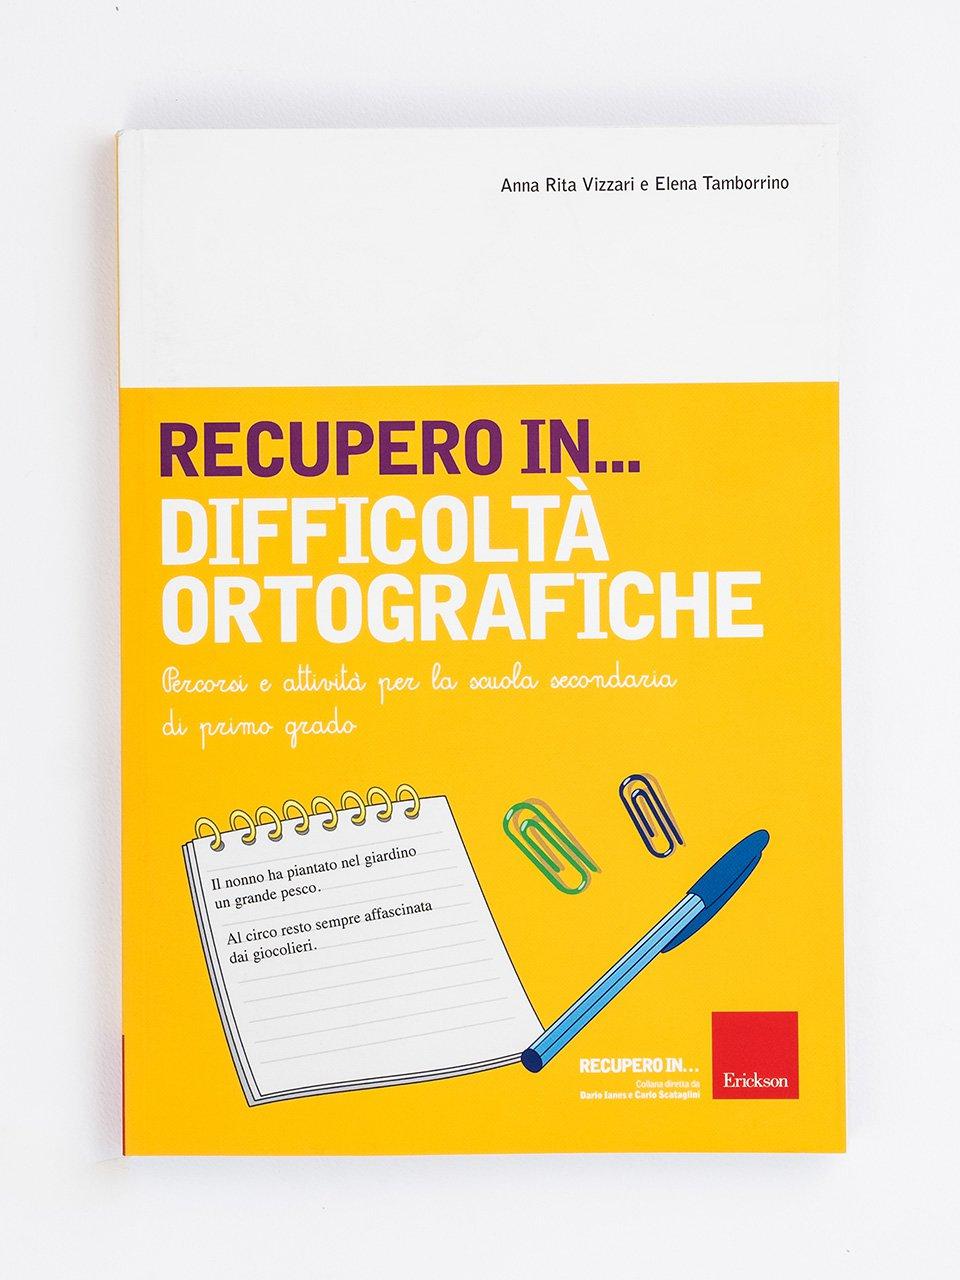 RECUPERO IN... Difficoltà ortografiche - RECUPERO IN... Abilità di scrittura 2 - Libri - App e software - Erickson